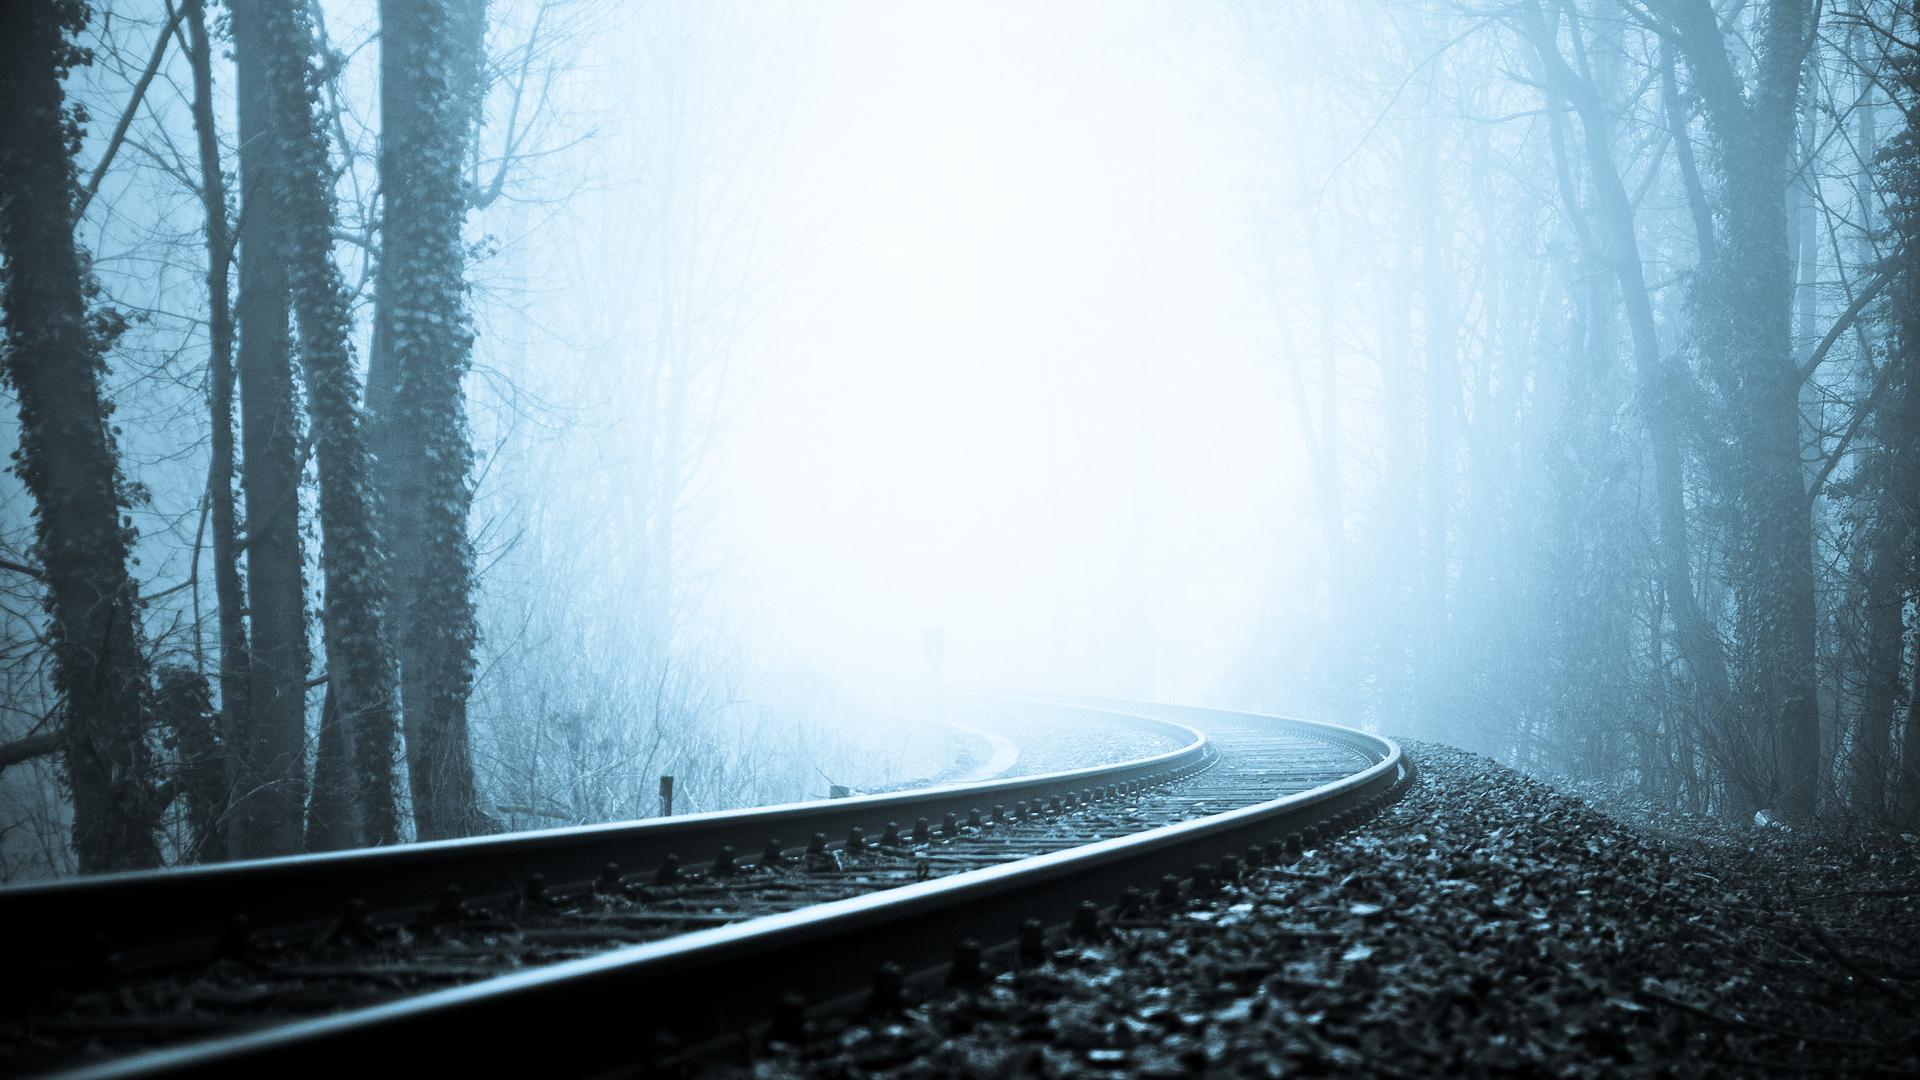 rails_railway_fog_turn_black-and-white_gloomy_60136_1920x1080.jpg